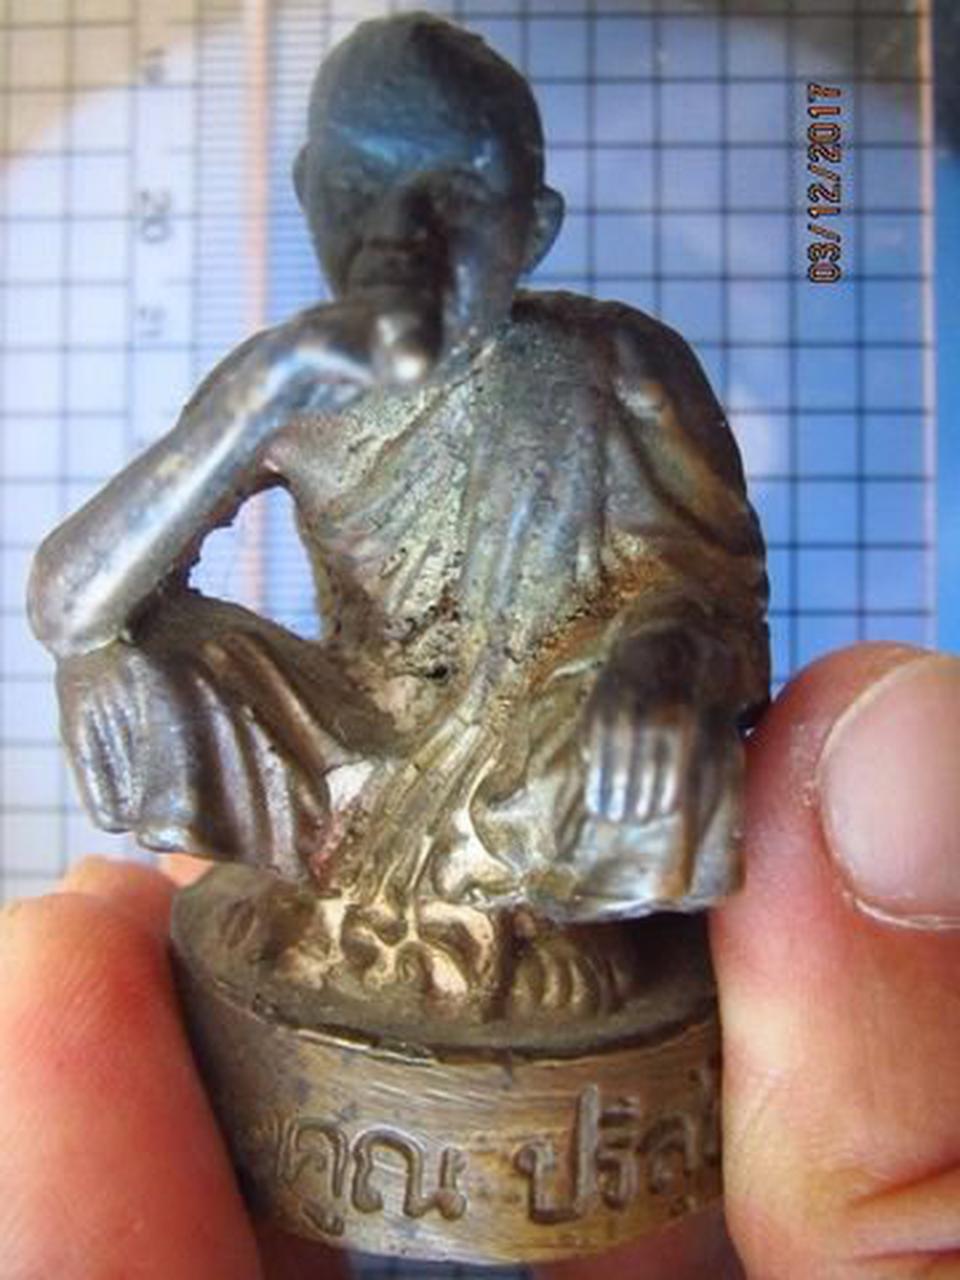 4981 พระบูชา หลวงพ่อคูณ วัดบ้านไร่ นั่งยอง หน้าตัก 3.5 ซม.นค รูปที่ 1